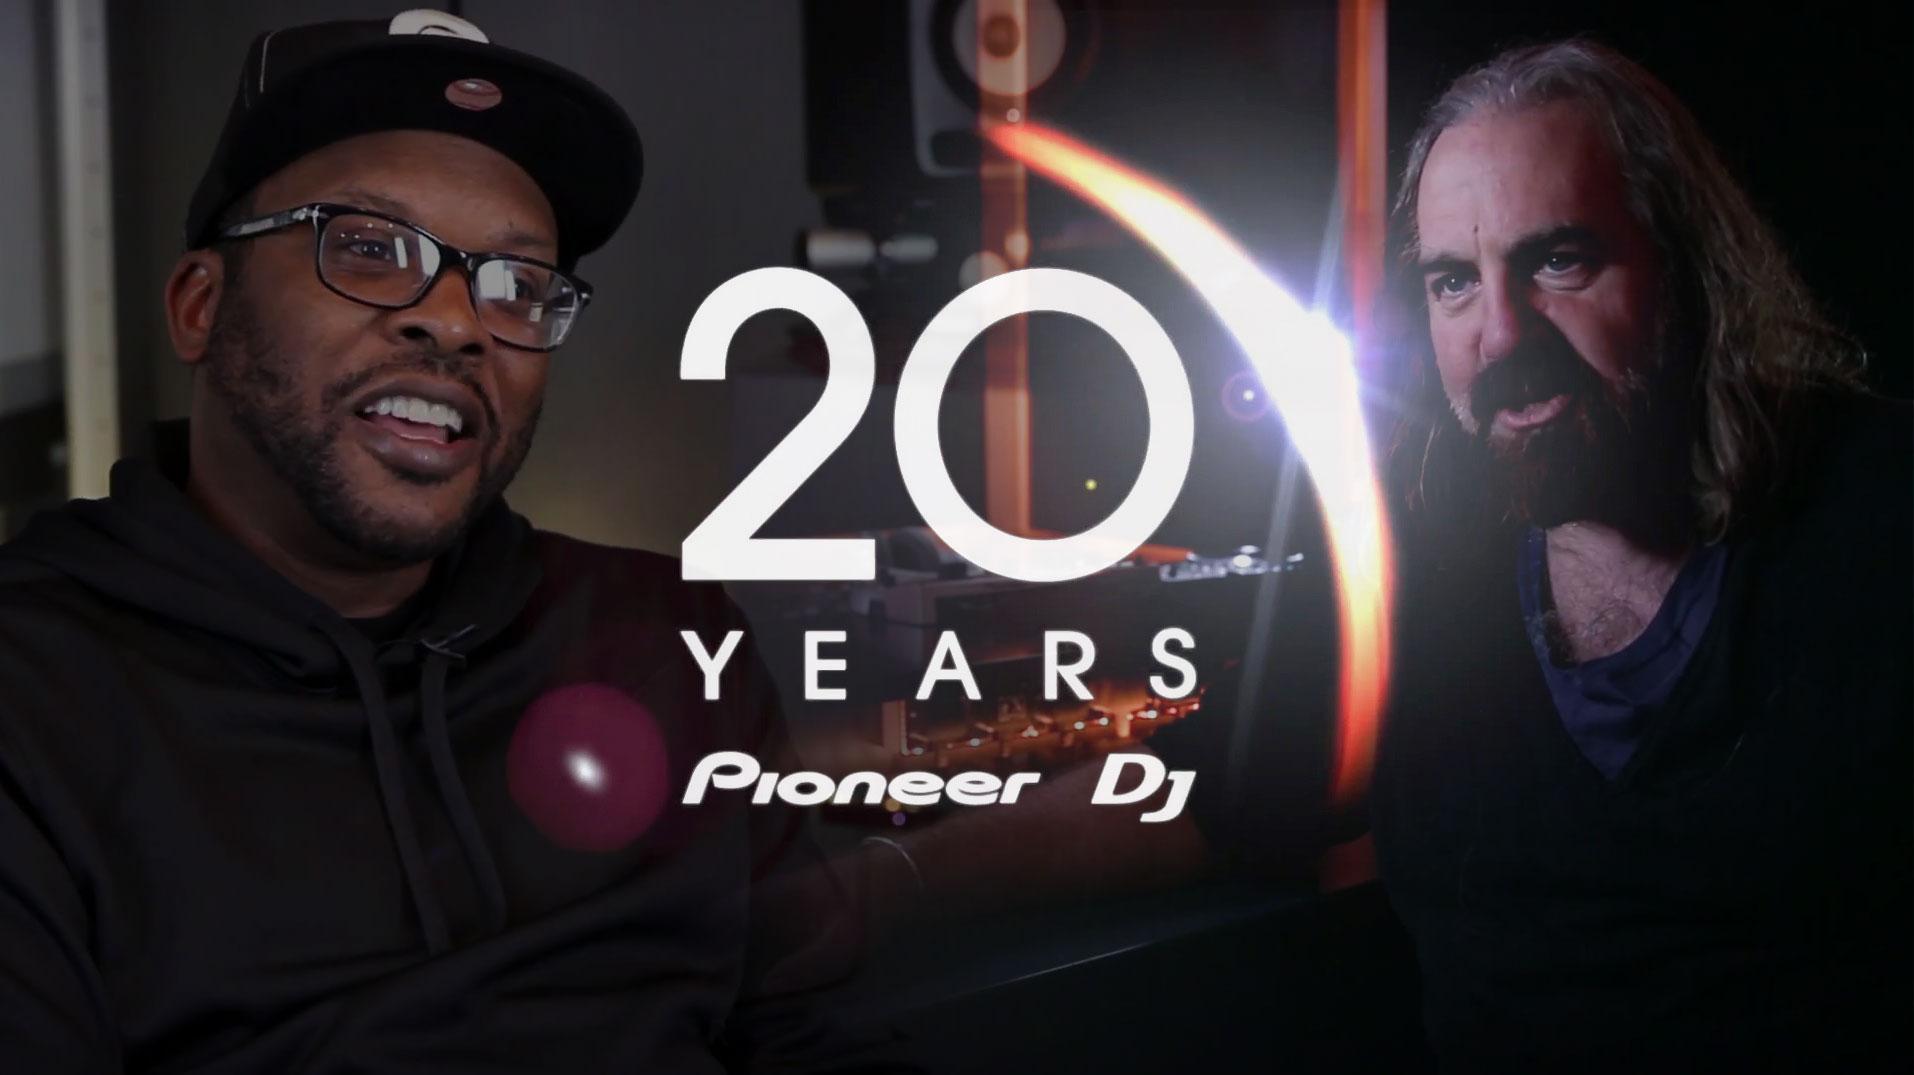 20-years-pioneer-dj